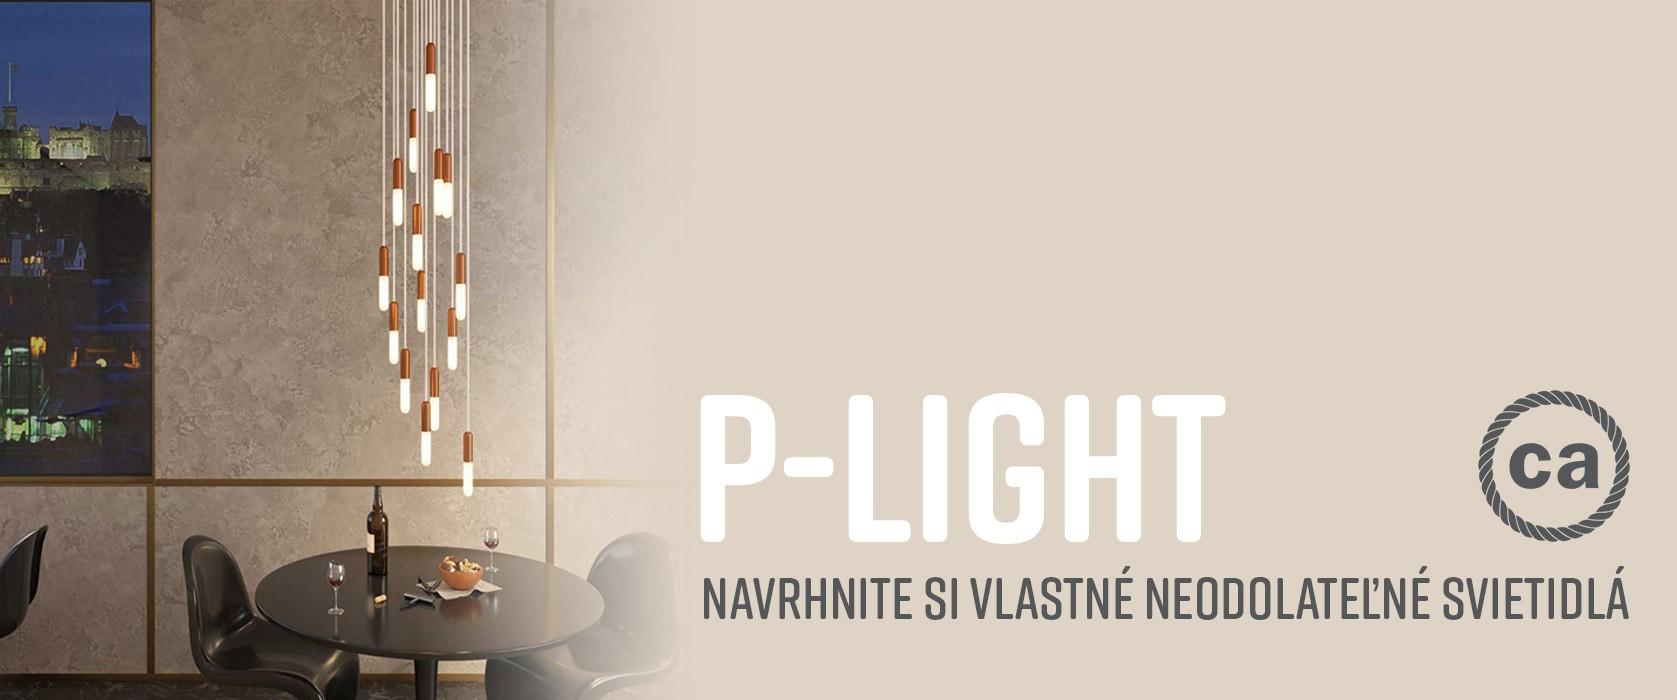 P-Light